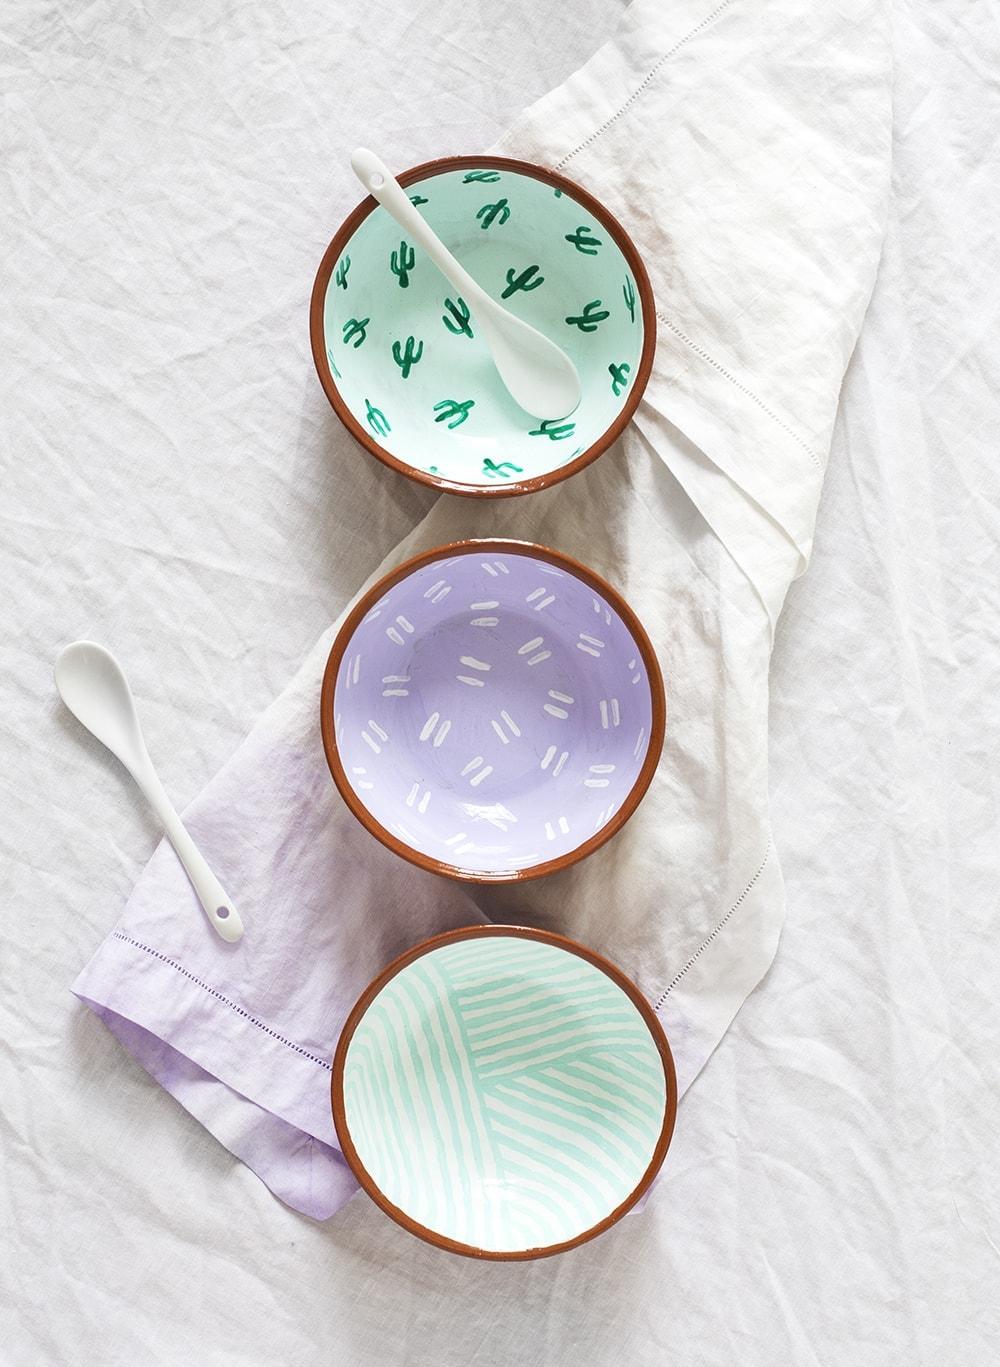 Chips 'n' dips DIY bowls 1